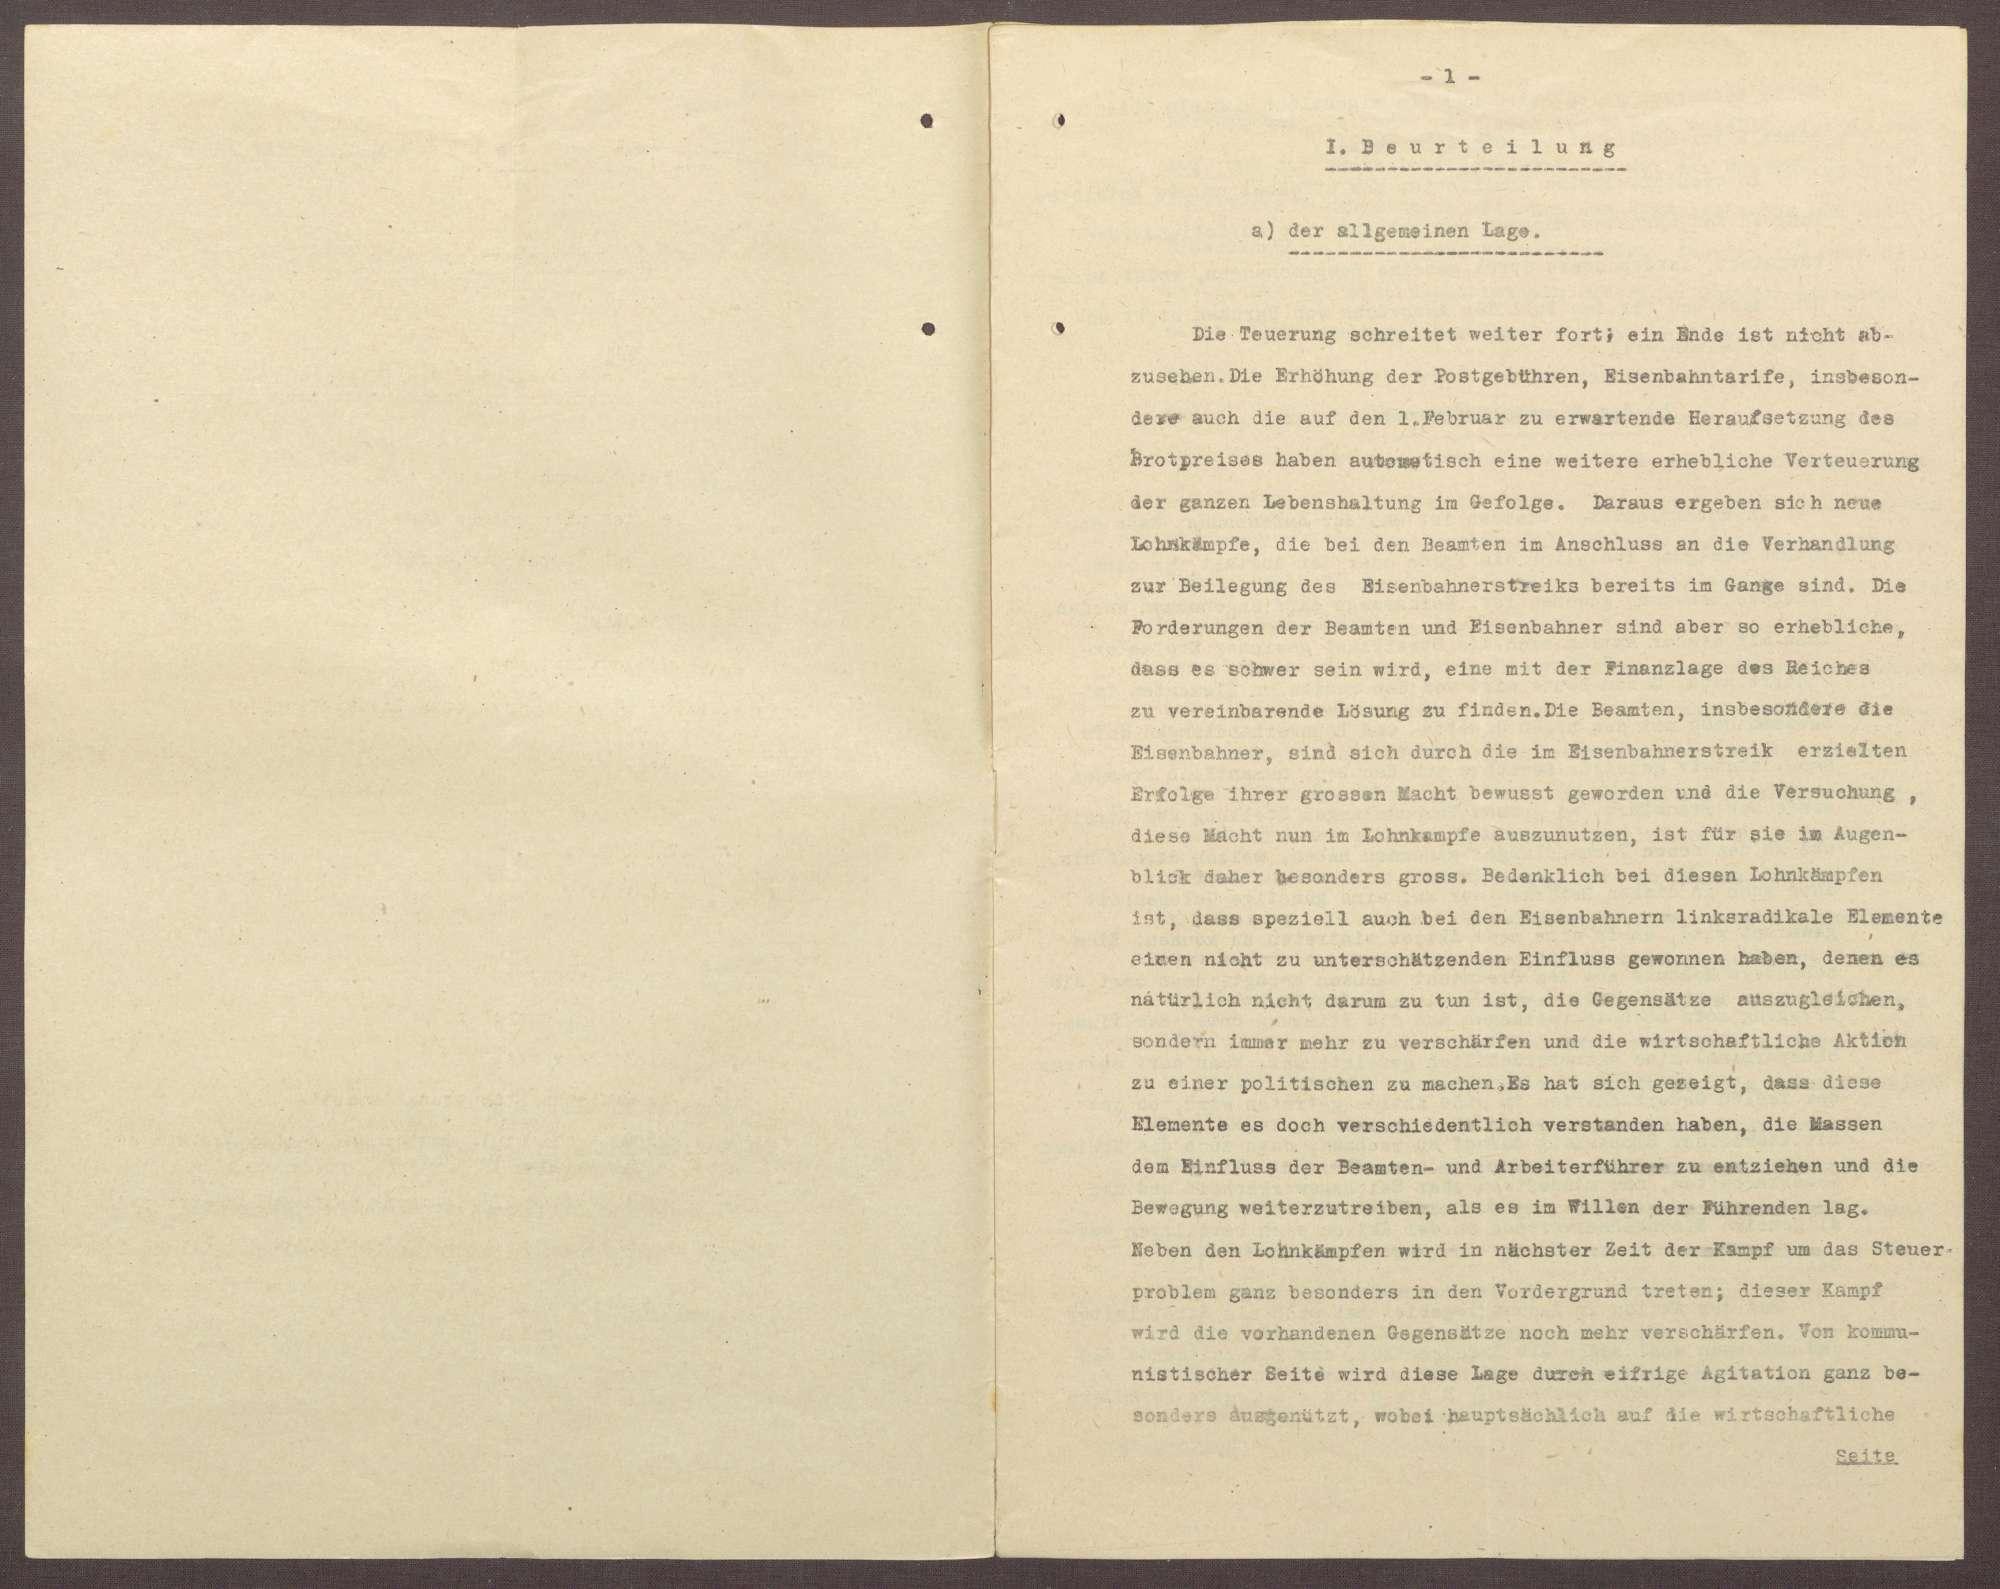 Lageberichte des Reichskommissars für Überwachung der öffentlichen Ordnung, Nr. 64, Bild 2